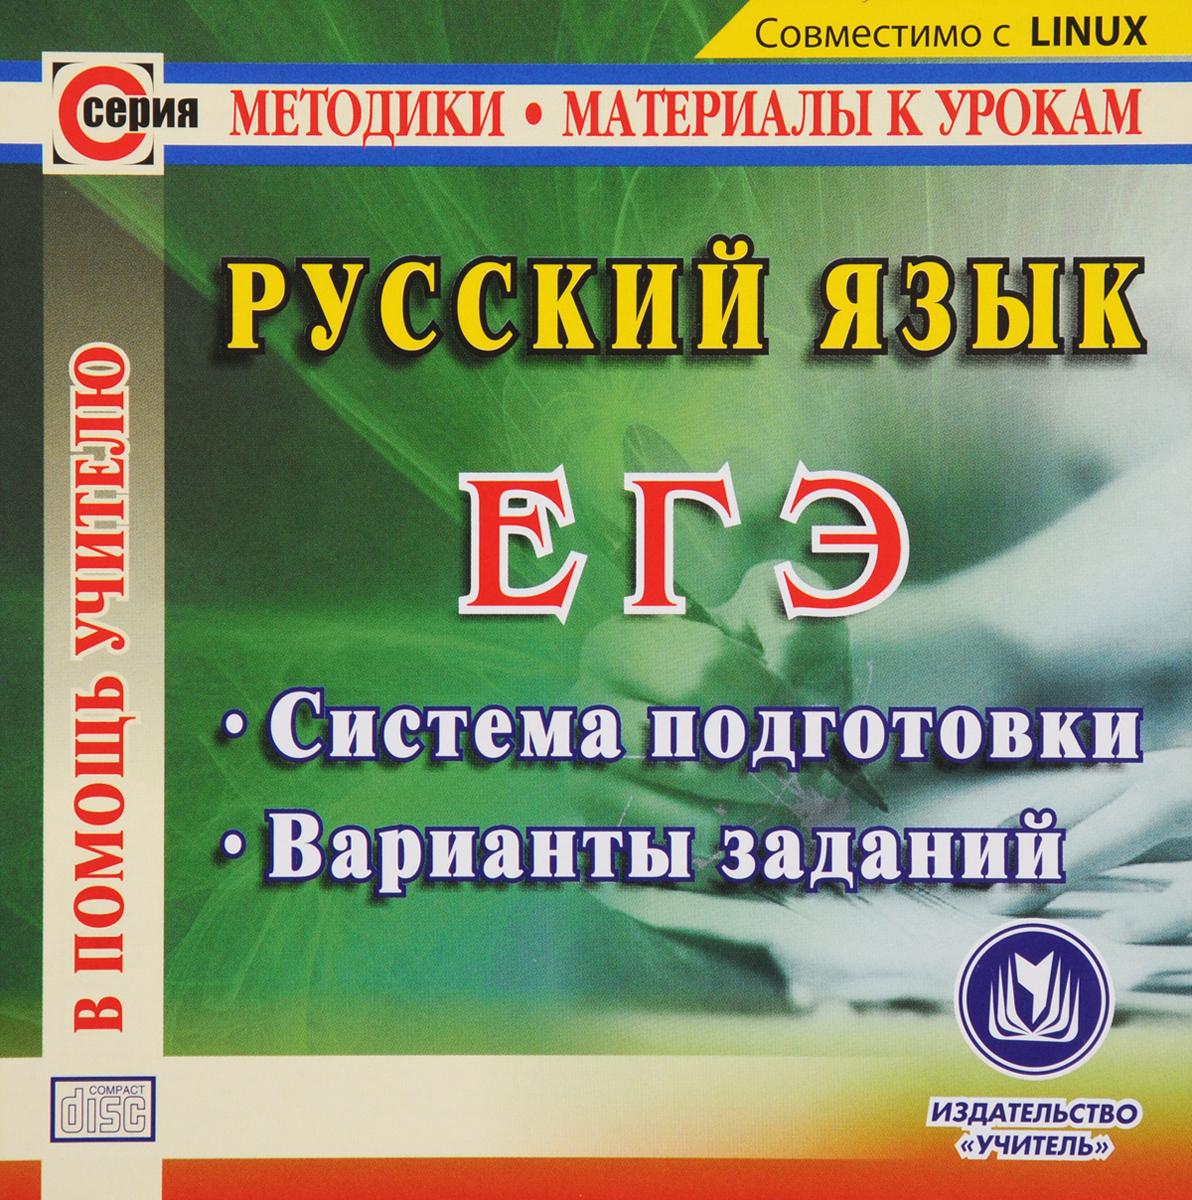 Русский язык. ЕГЭ. Система подготовки. Варианты заданий